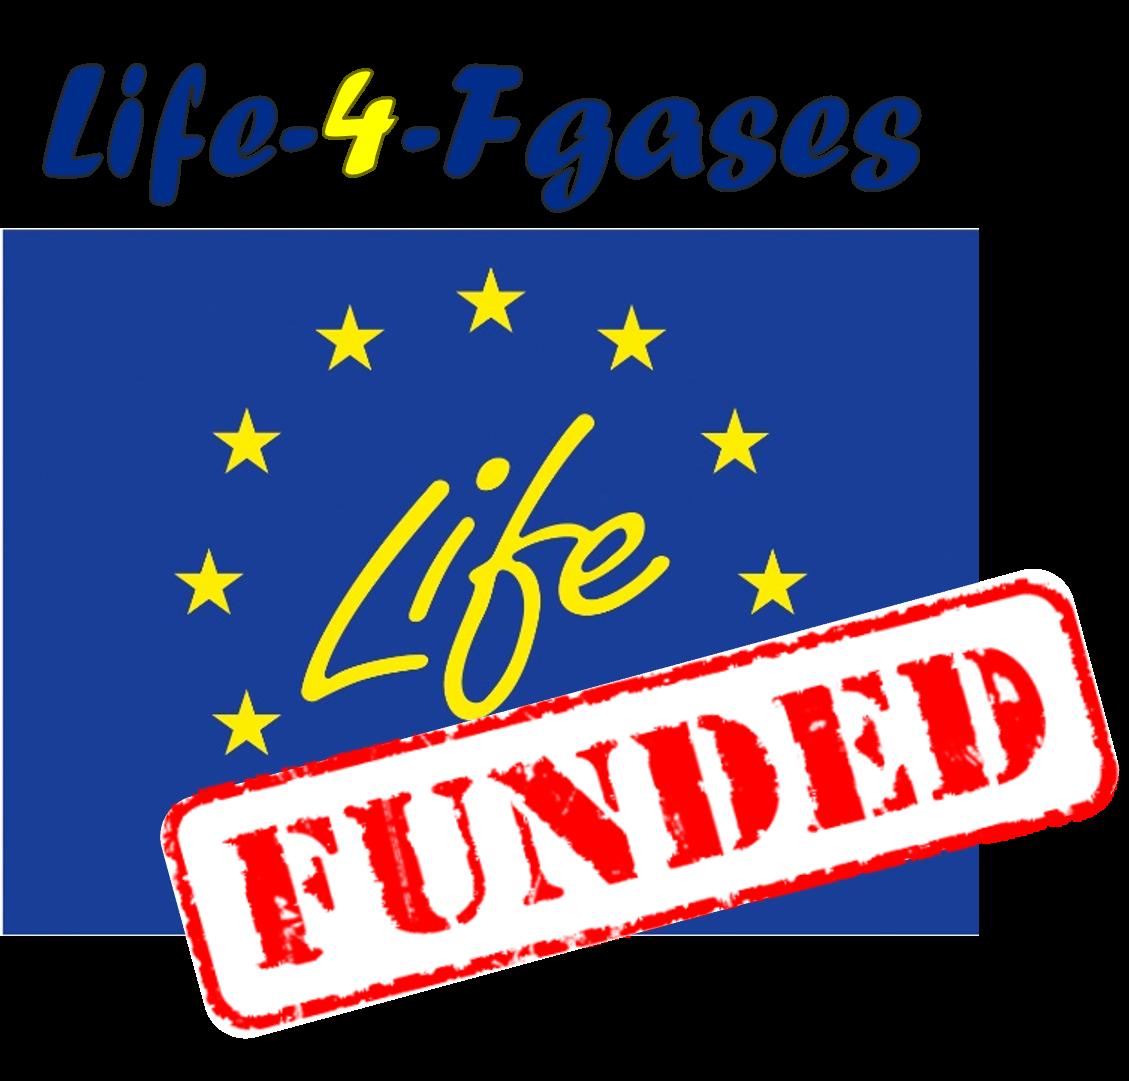 Concedido el proyecto LIFE-4-Fgases